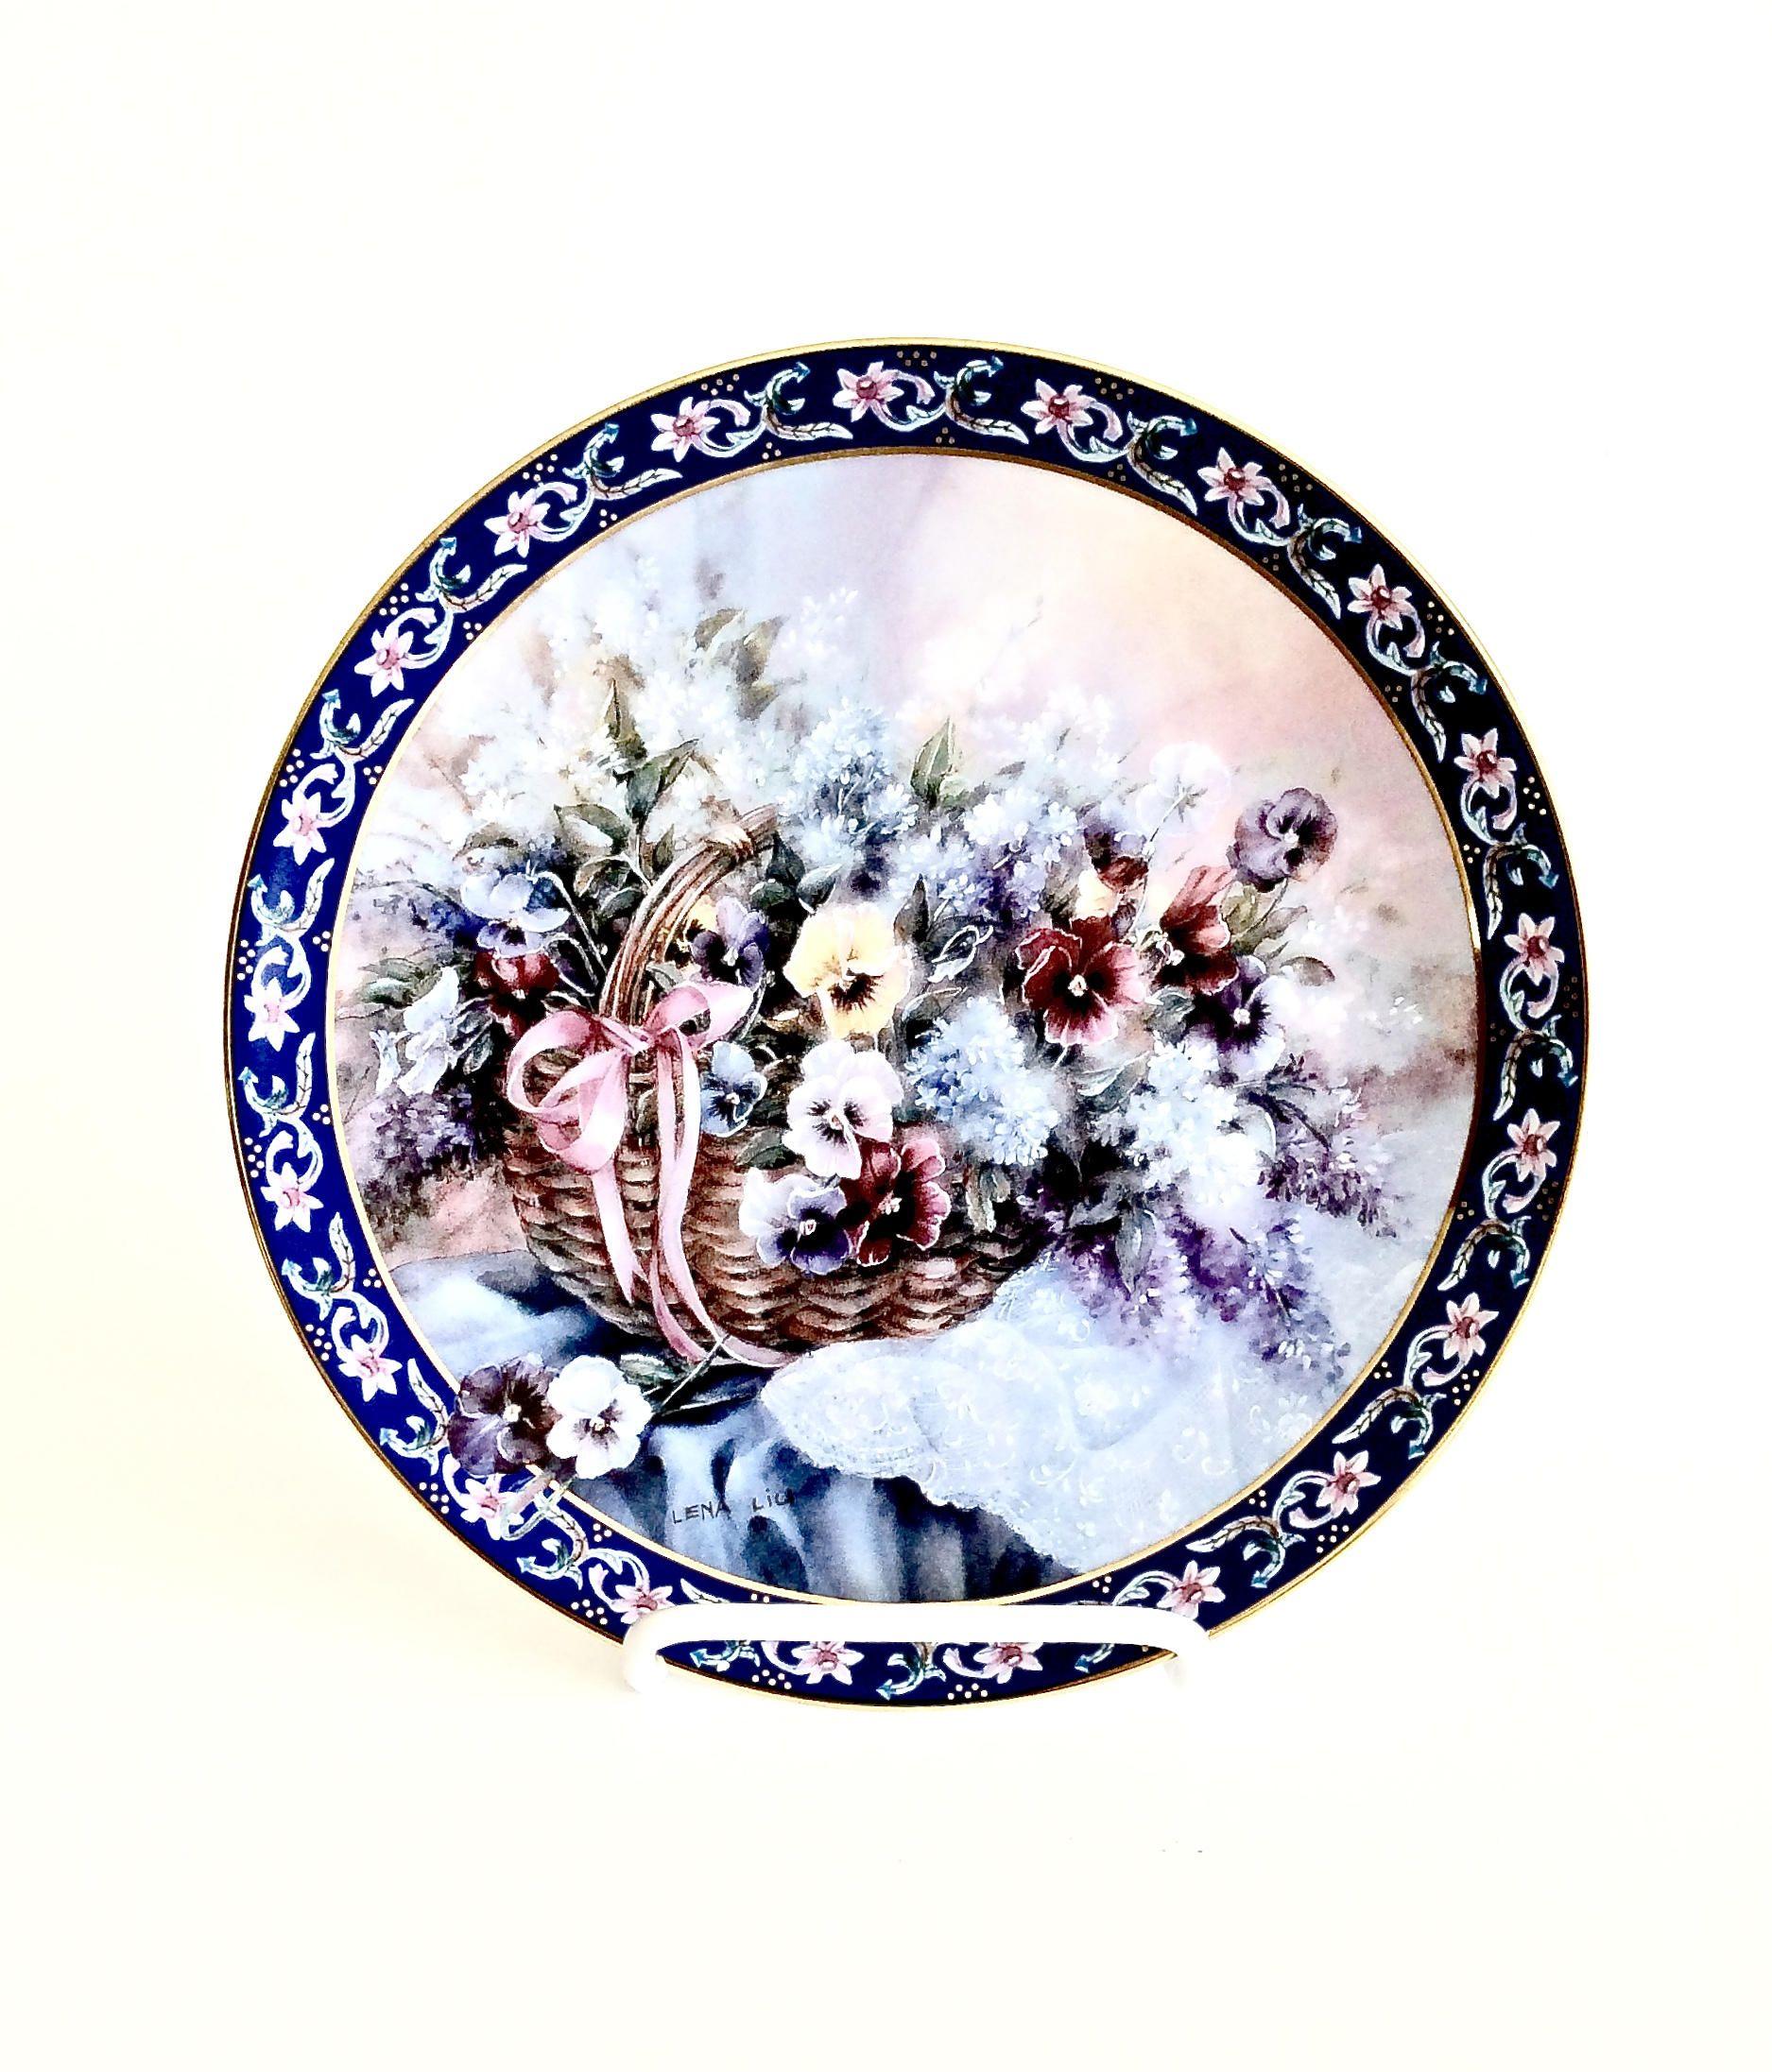 fine china anniversary gifts